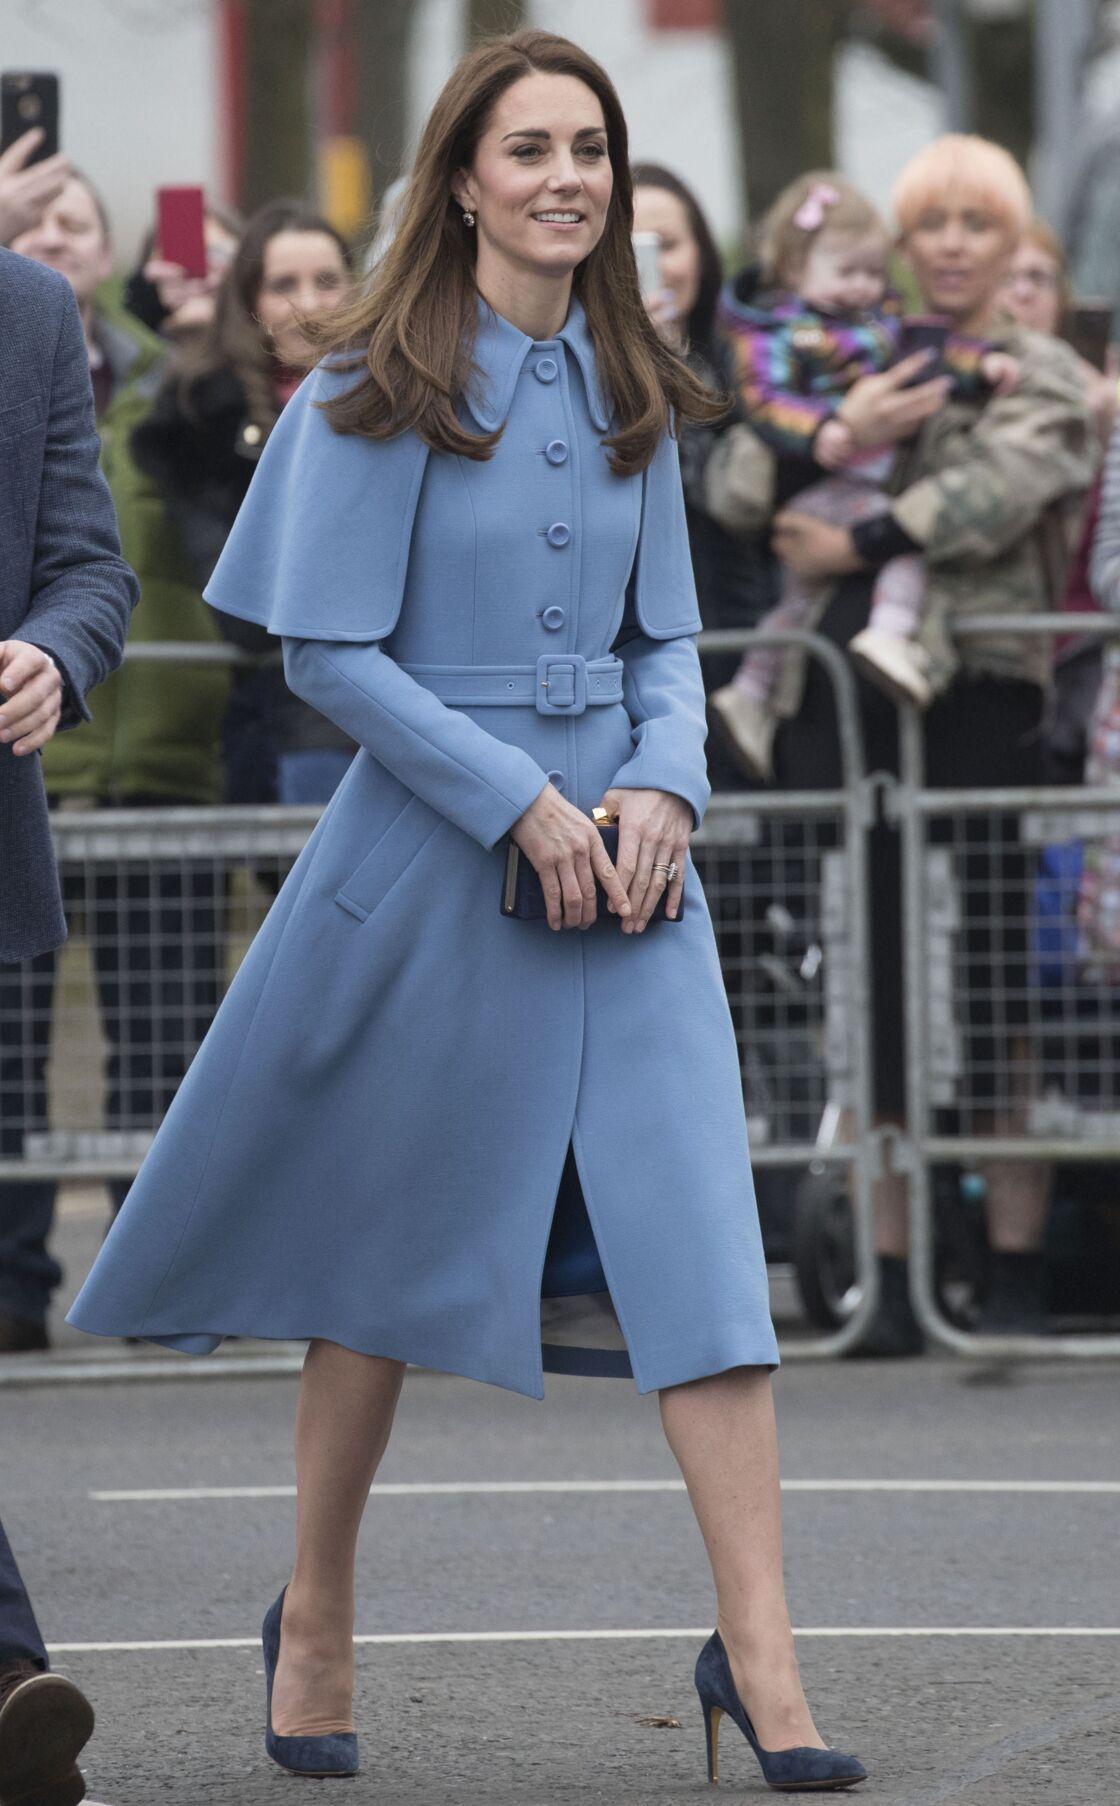 Kate Middleton salue les habitants de Ballymena, lors de son voyage officiel en Irlande du Nord, le 28 février 2019